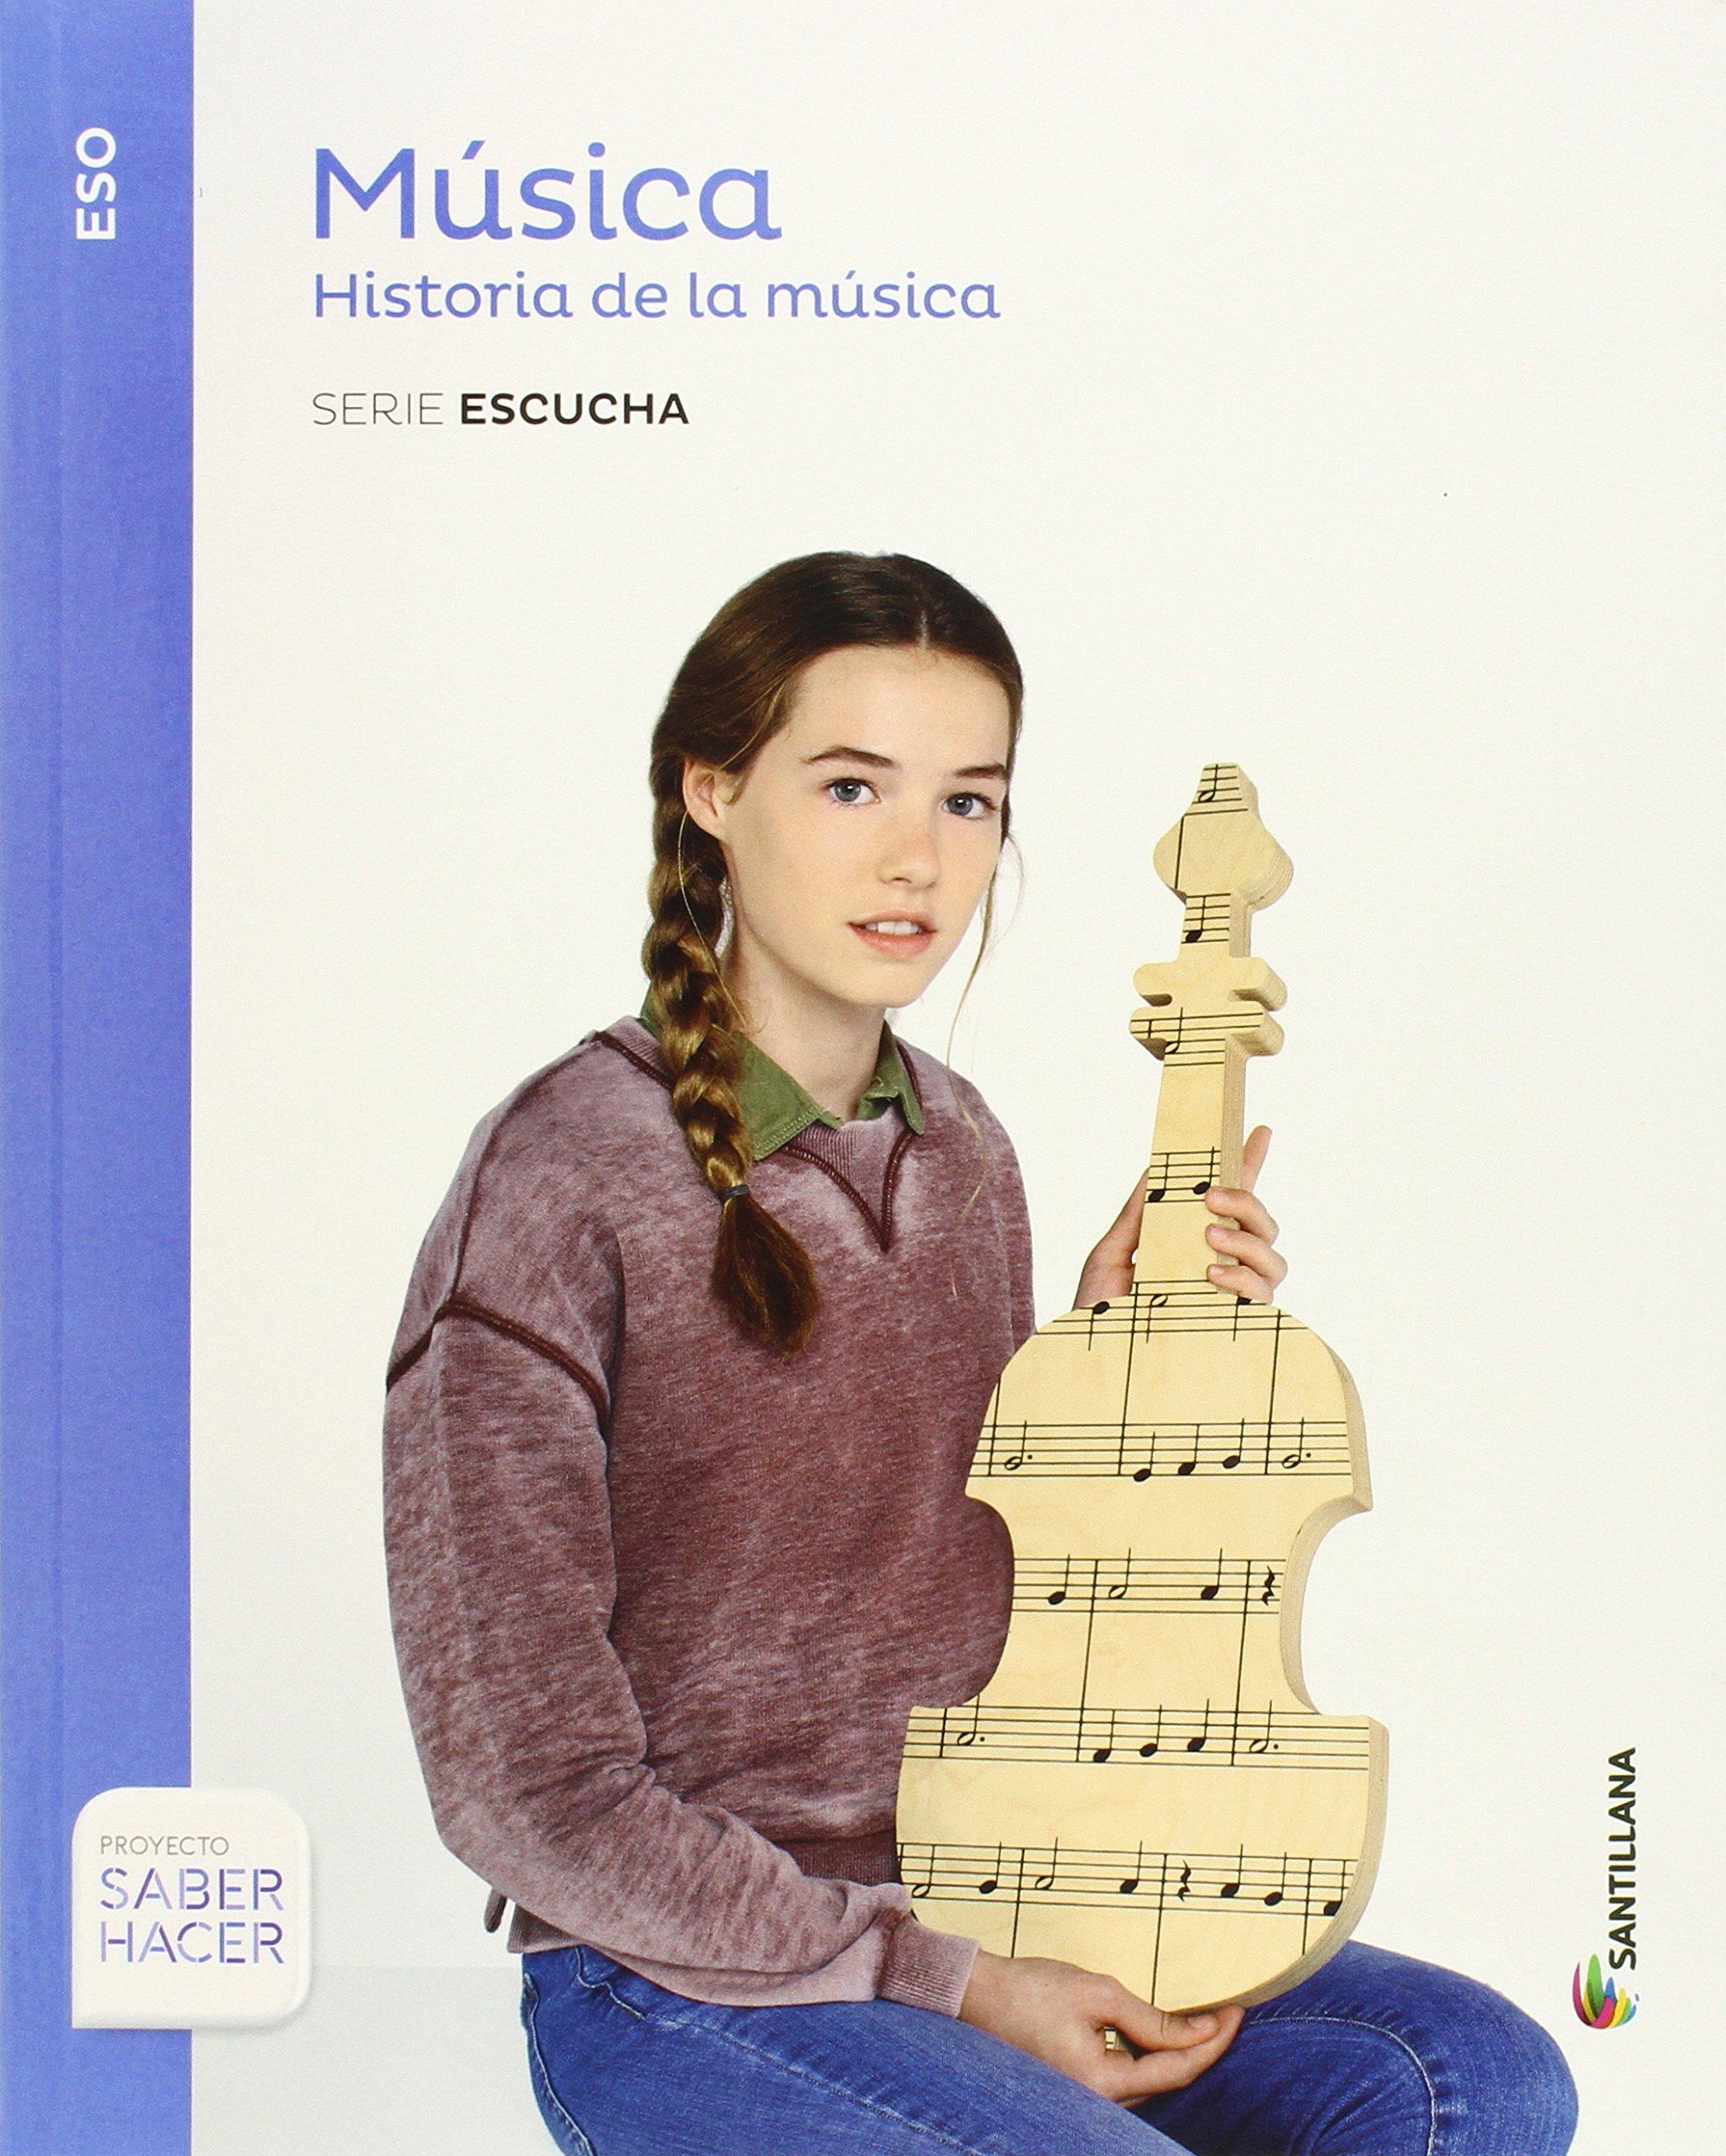 MUSICA SERIE ESCUCHA ESO HISTORIA DE LA MUSICA SABER HACER - 9788468019703: Amazon.es: Aa.Vv.: Libros